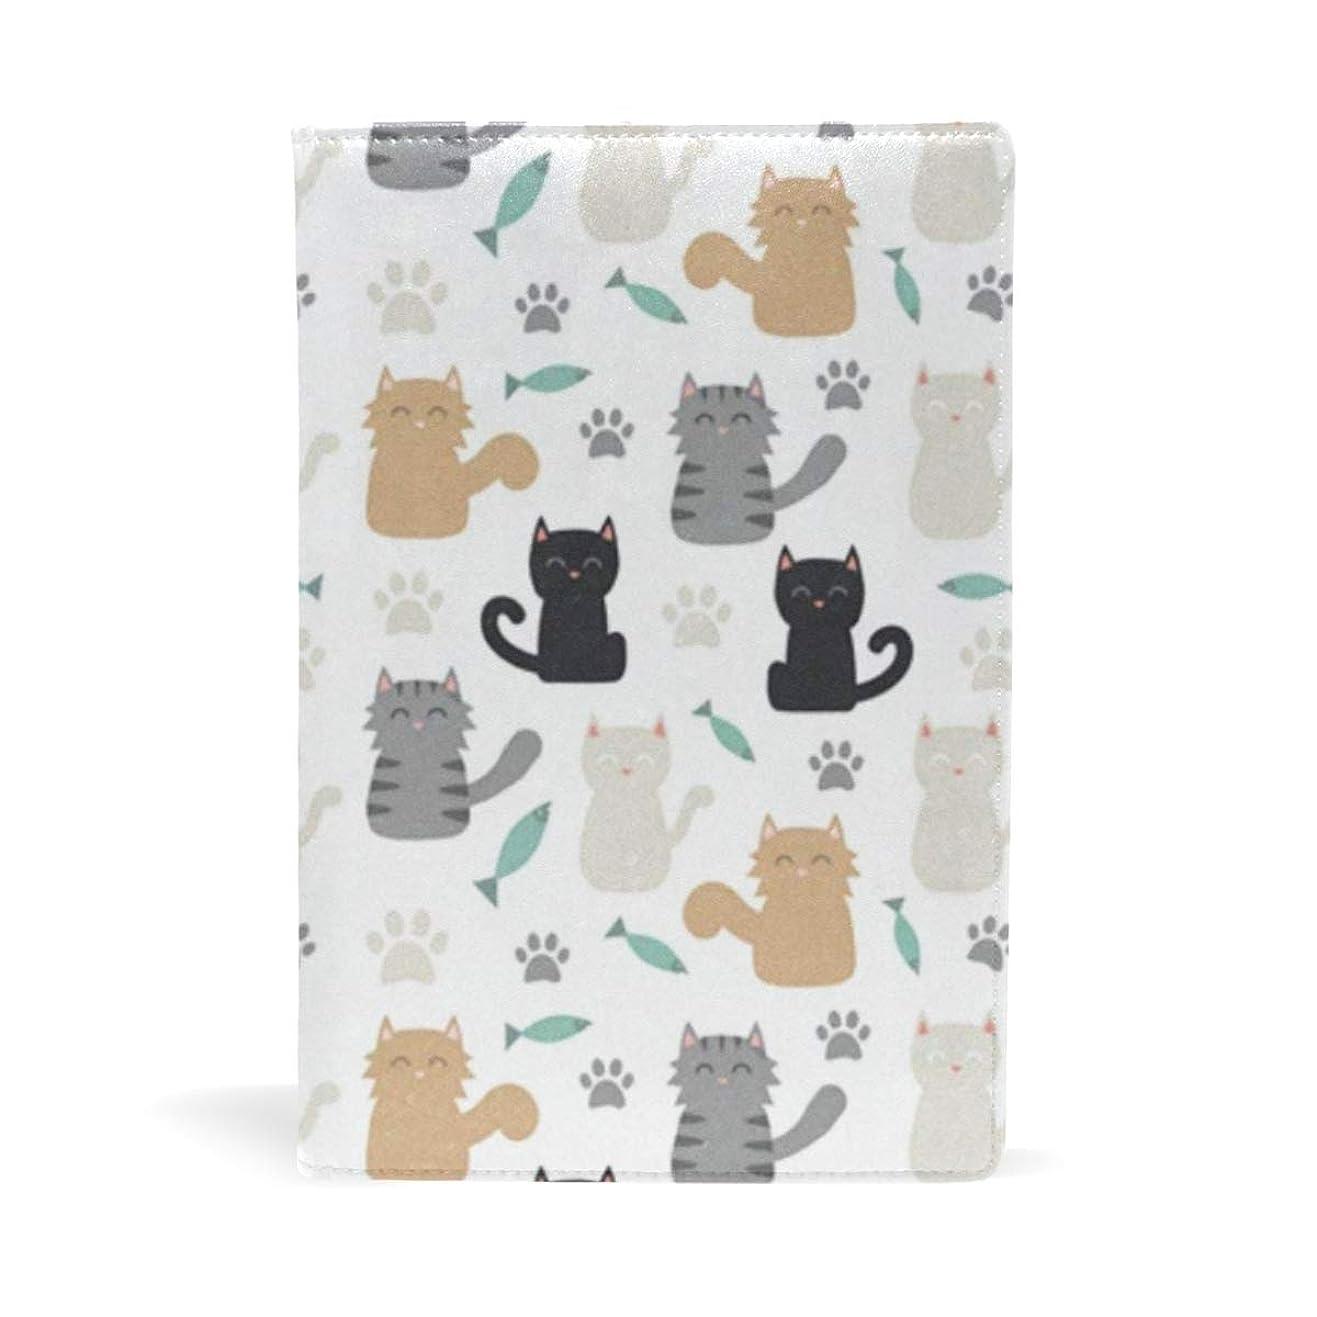 カセット矩形しがみつくブックカバー 文庫 a5 皮革 レザー かわいい 猫柄 文庫本カバー ファイル 資料 収納入れ オフィス用品 読書 雑貨 プレゼント